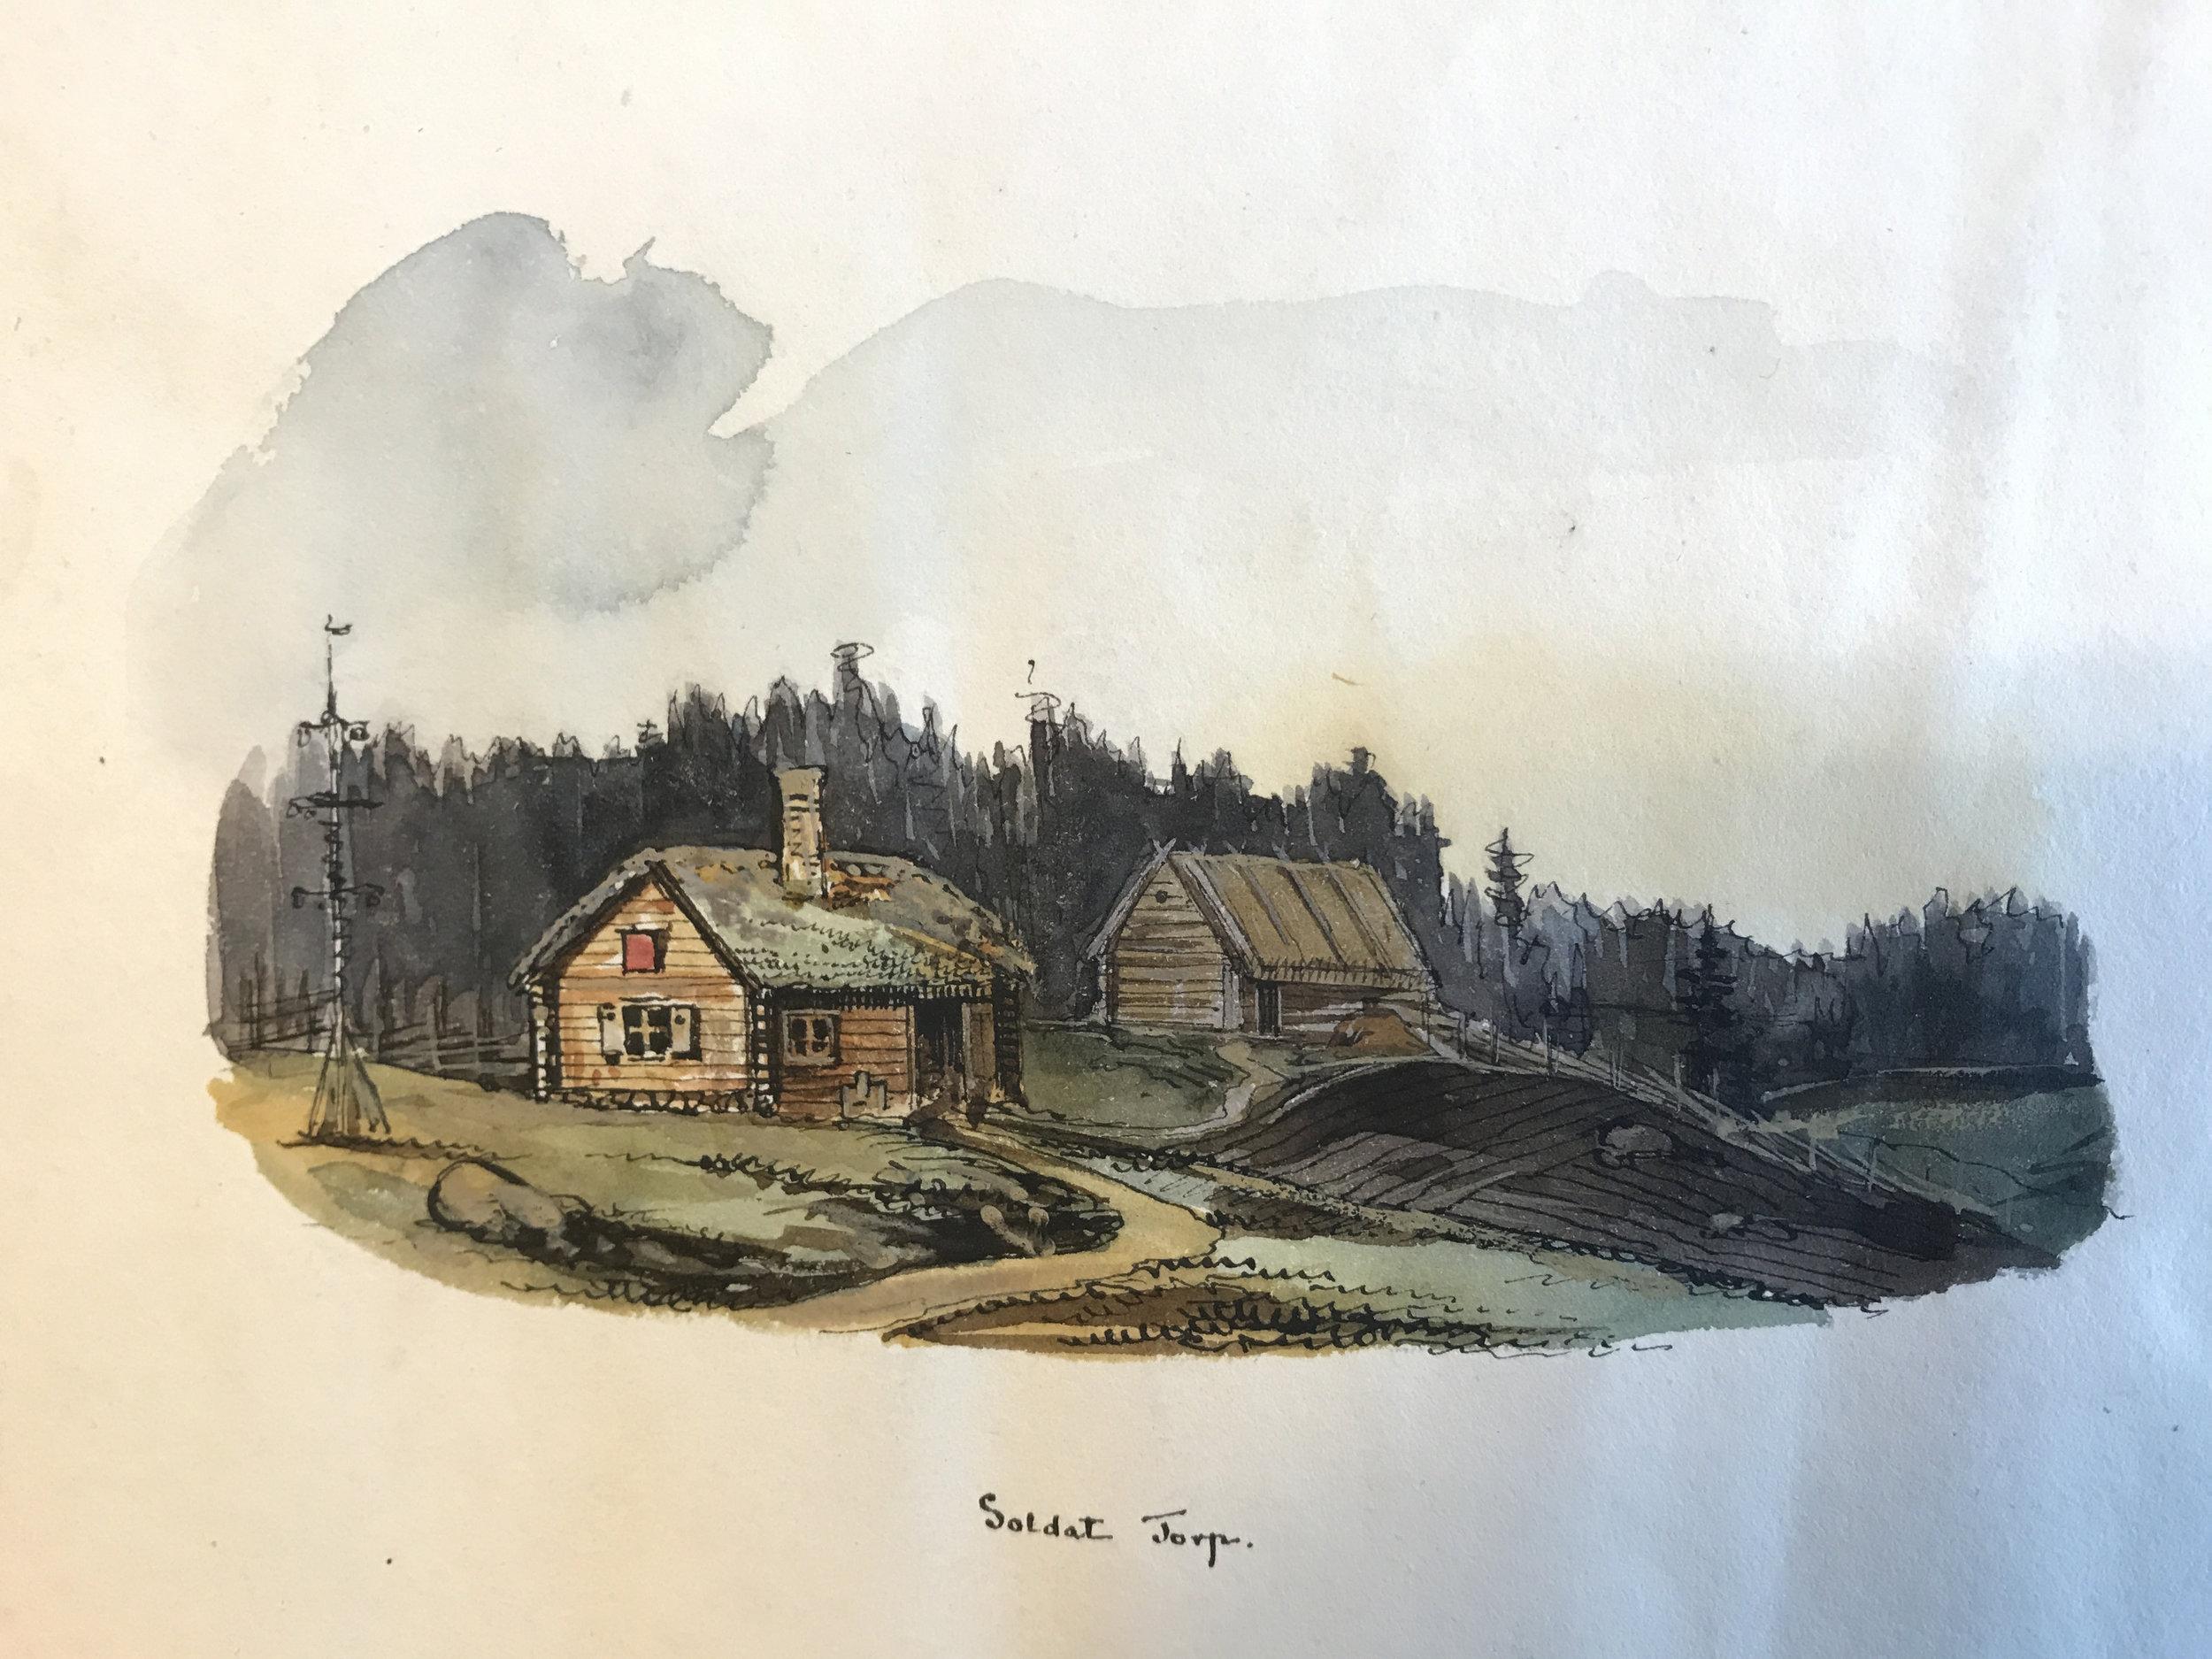 En av de få avbildningar som finns av ett soldattorp, akvarell av Gustaf Söderberg, 1837. Krigsarkivet. Båtsmanstorpen hade samma utformning.